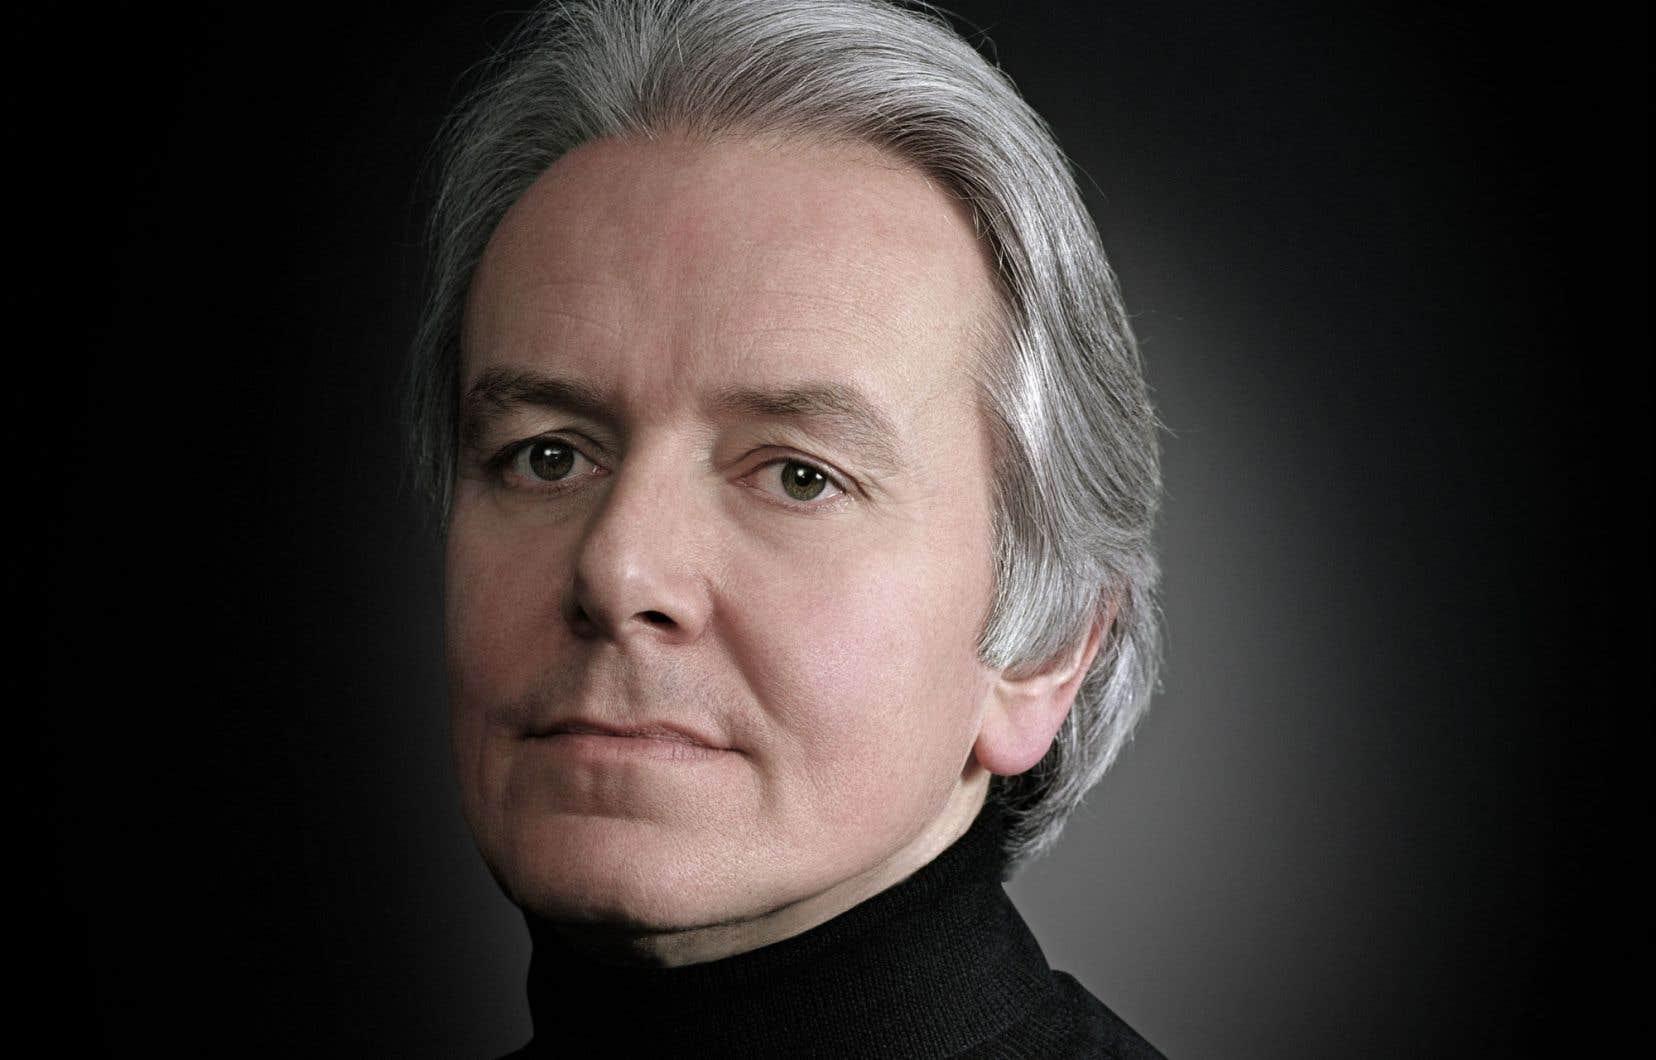 Le pianiste Christian Blackshaw va littéralement «chercher la musique » dans le moindre recoin.